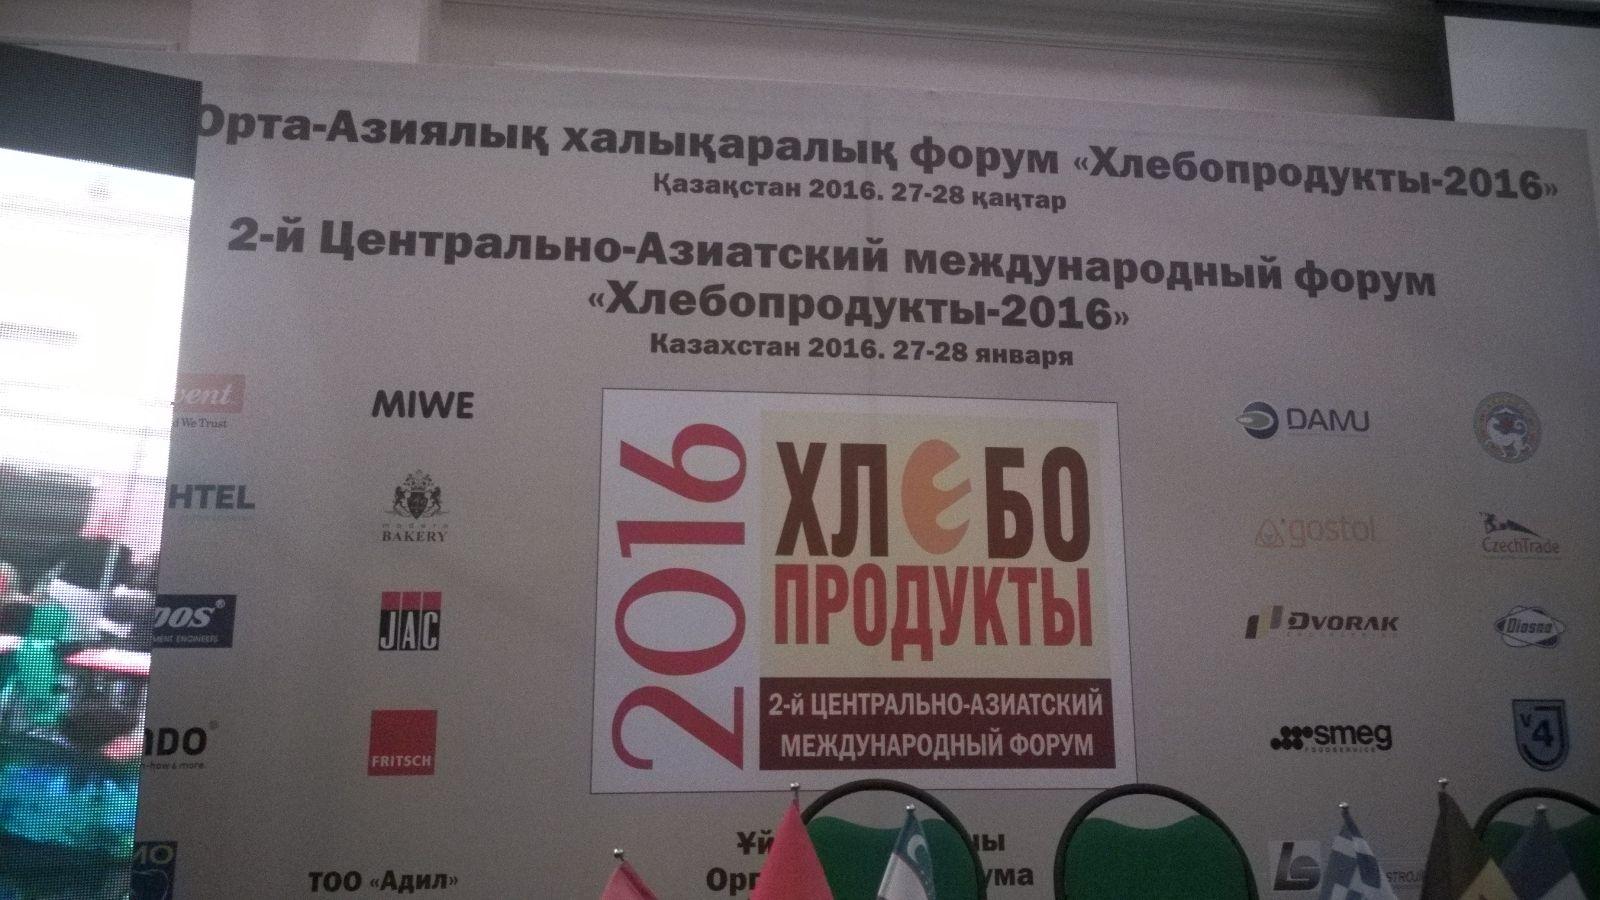 Форум хлебопродукты 2016.